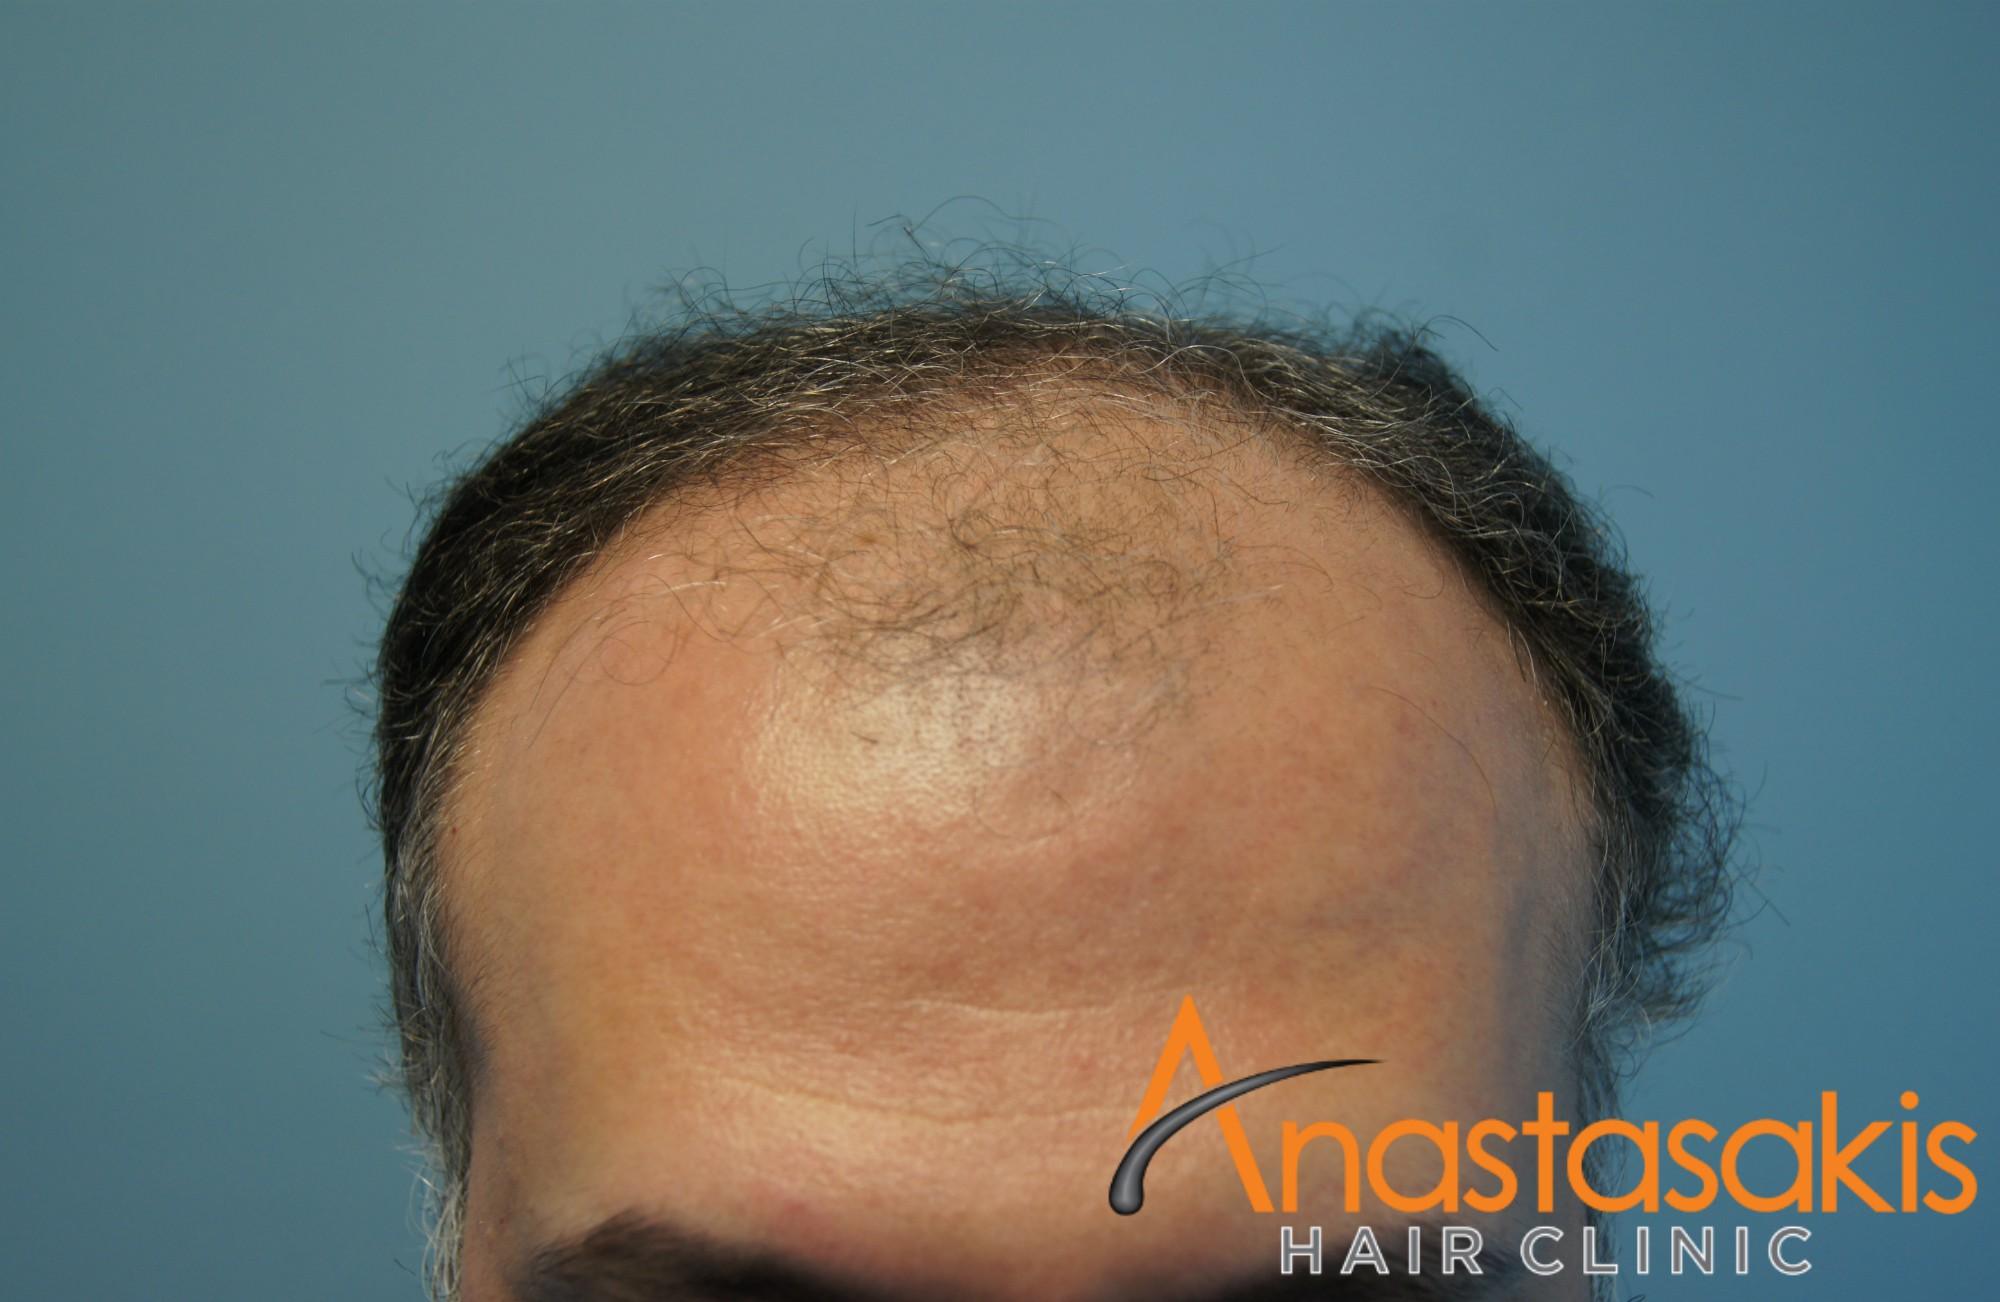 ασθενής πρίν τη μεταμόσχευση μαλλιών με 2800fus hairline